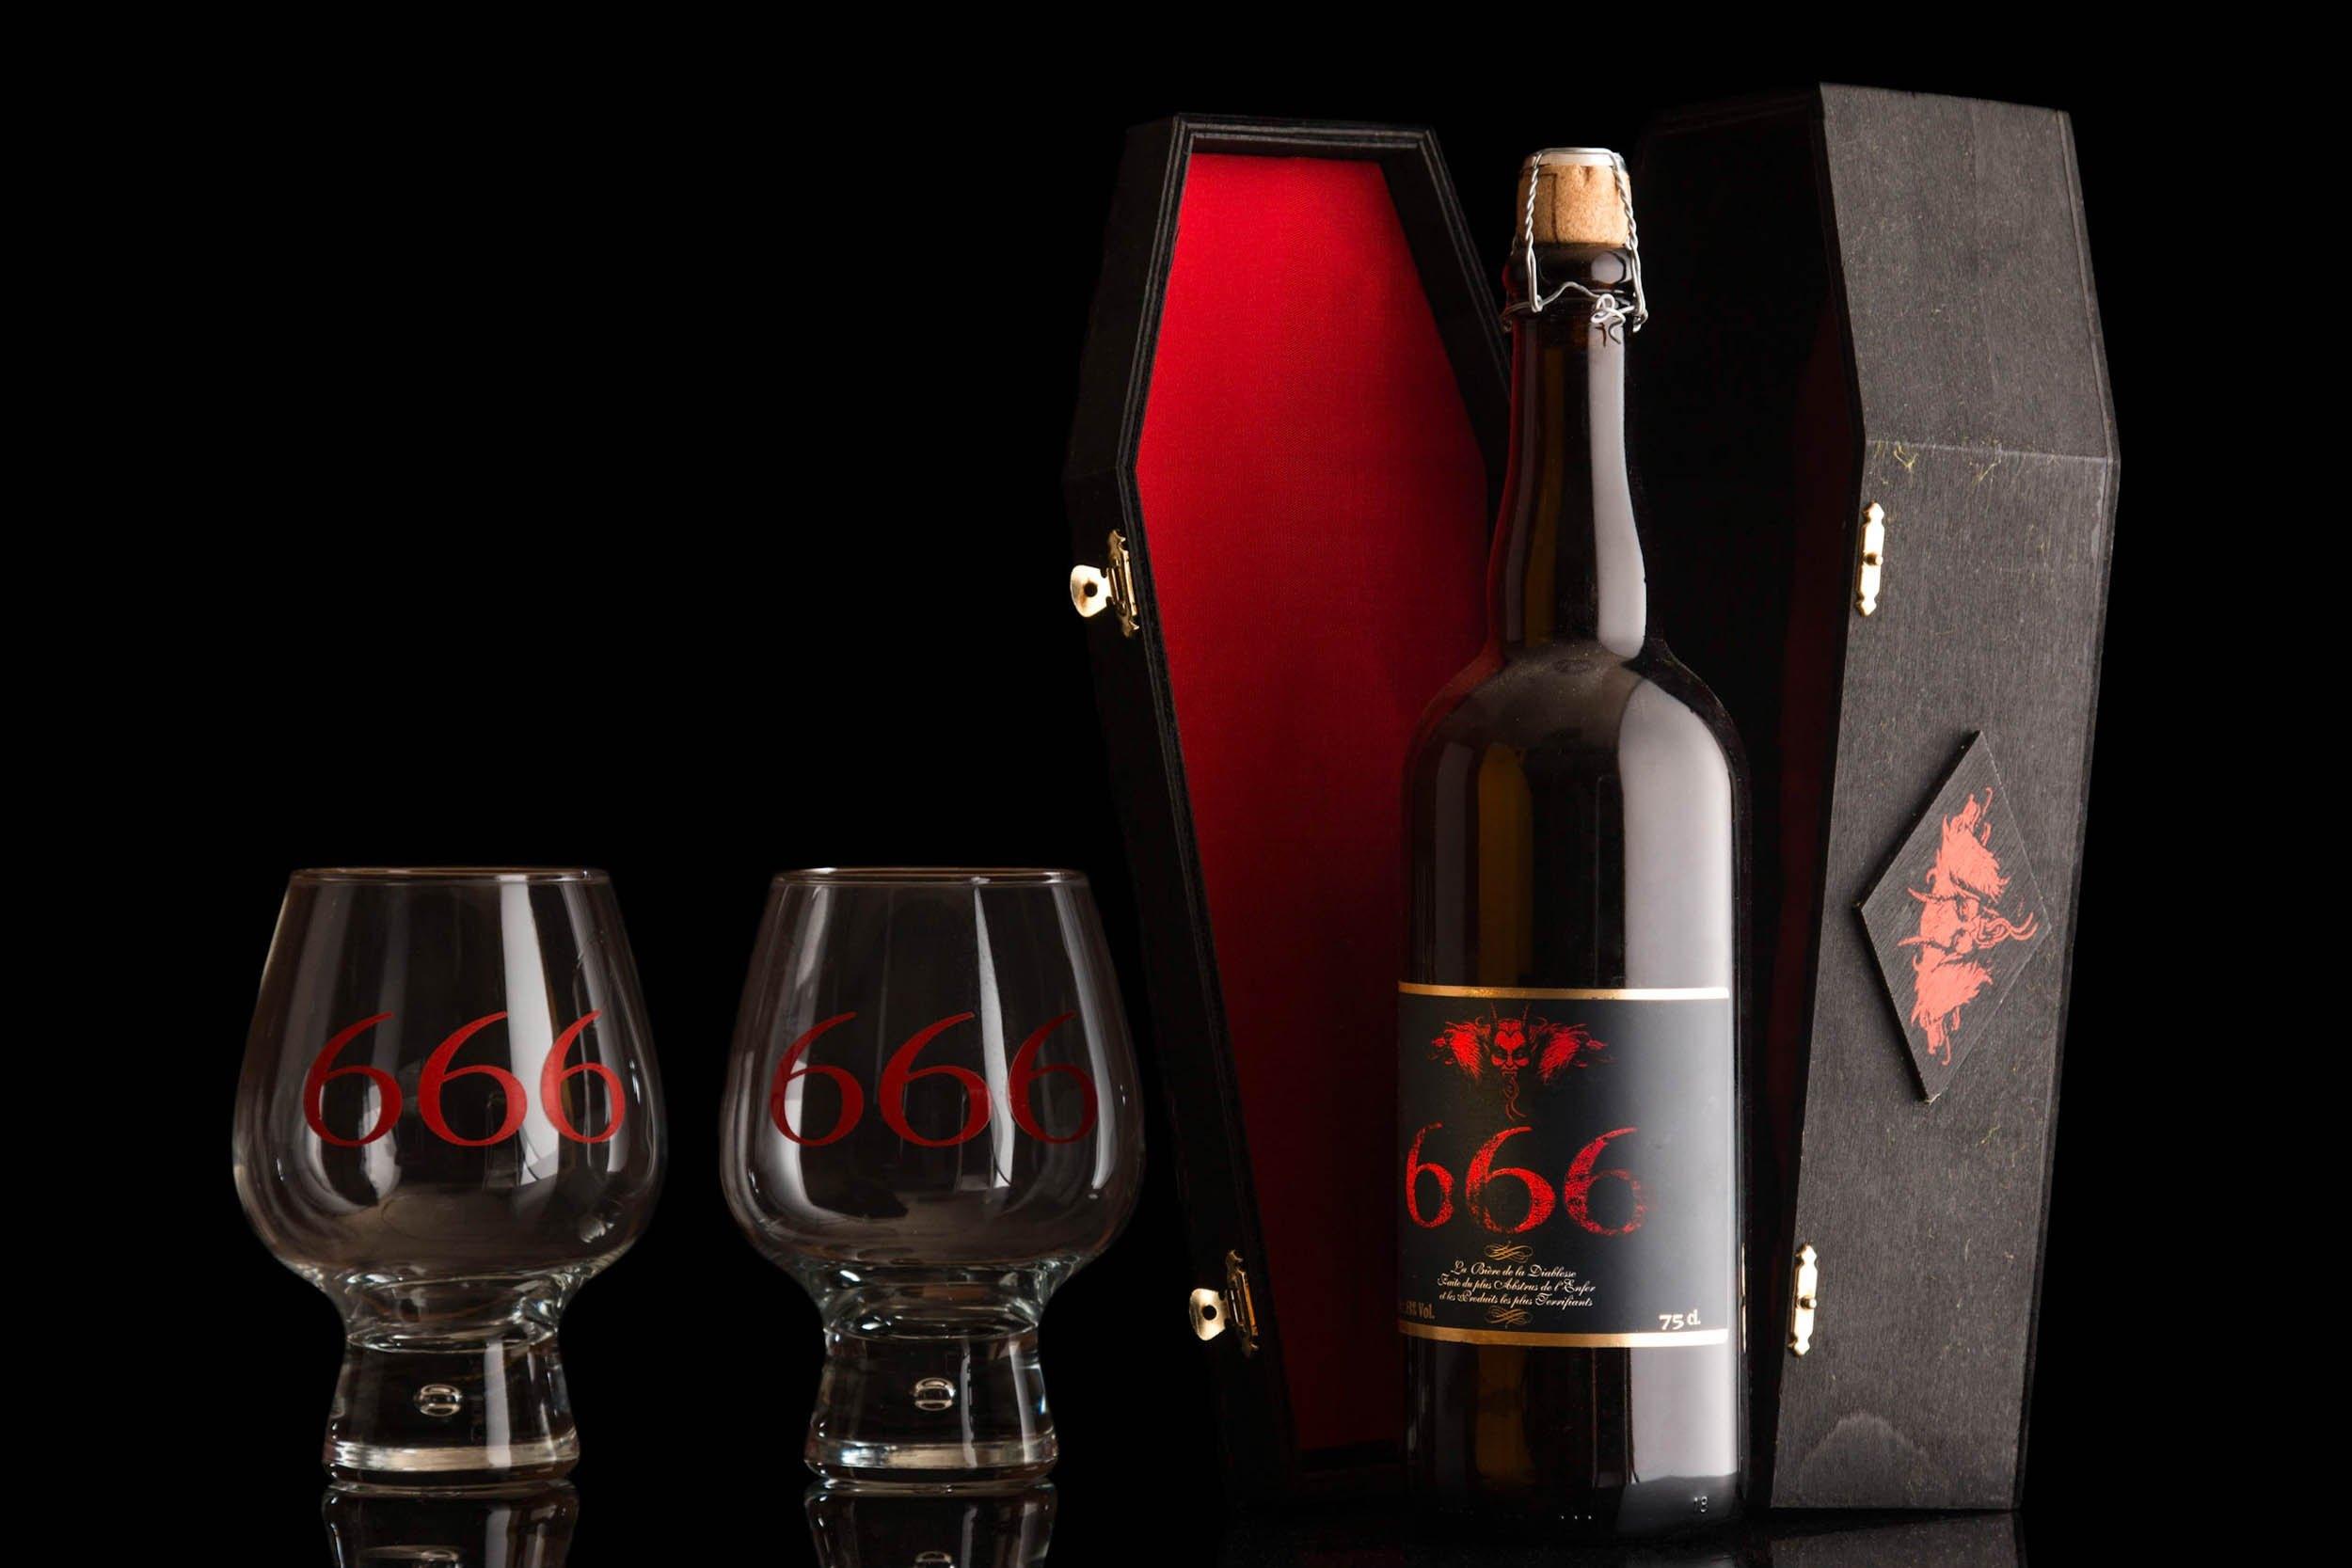 Producto bodegón botella y vasos 666